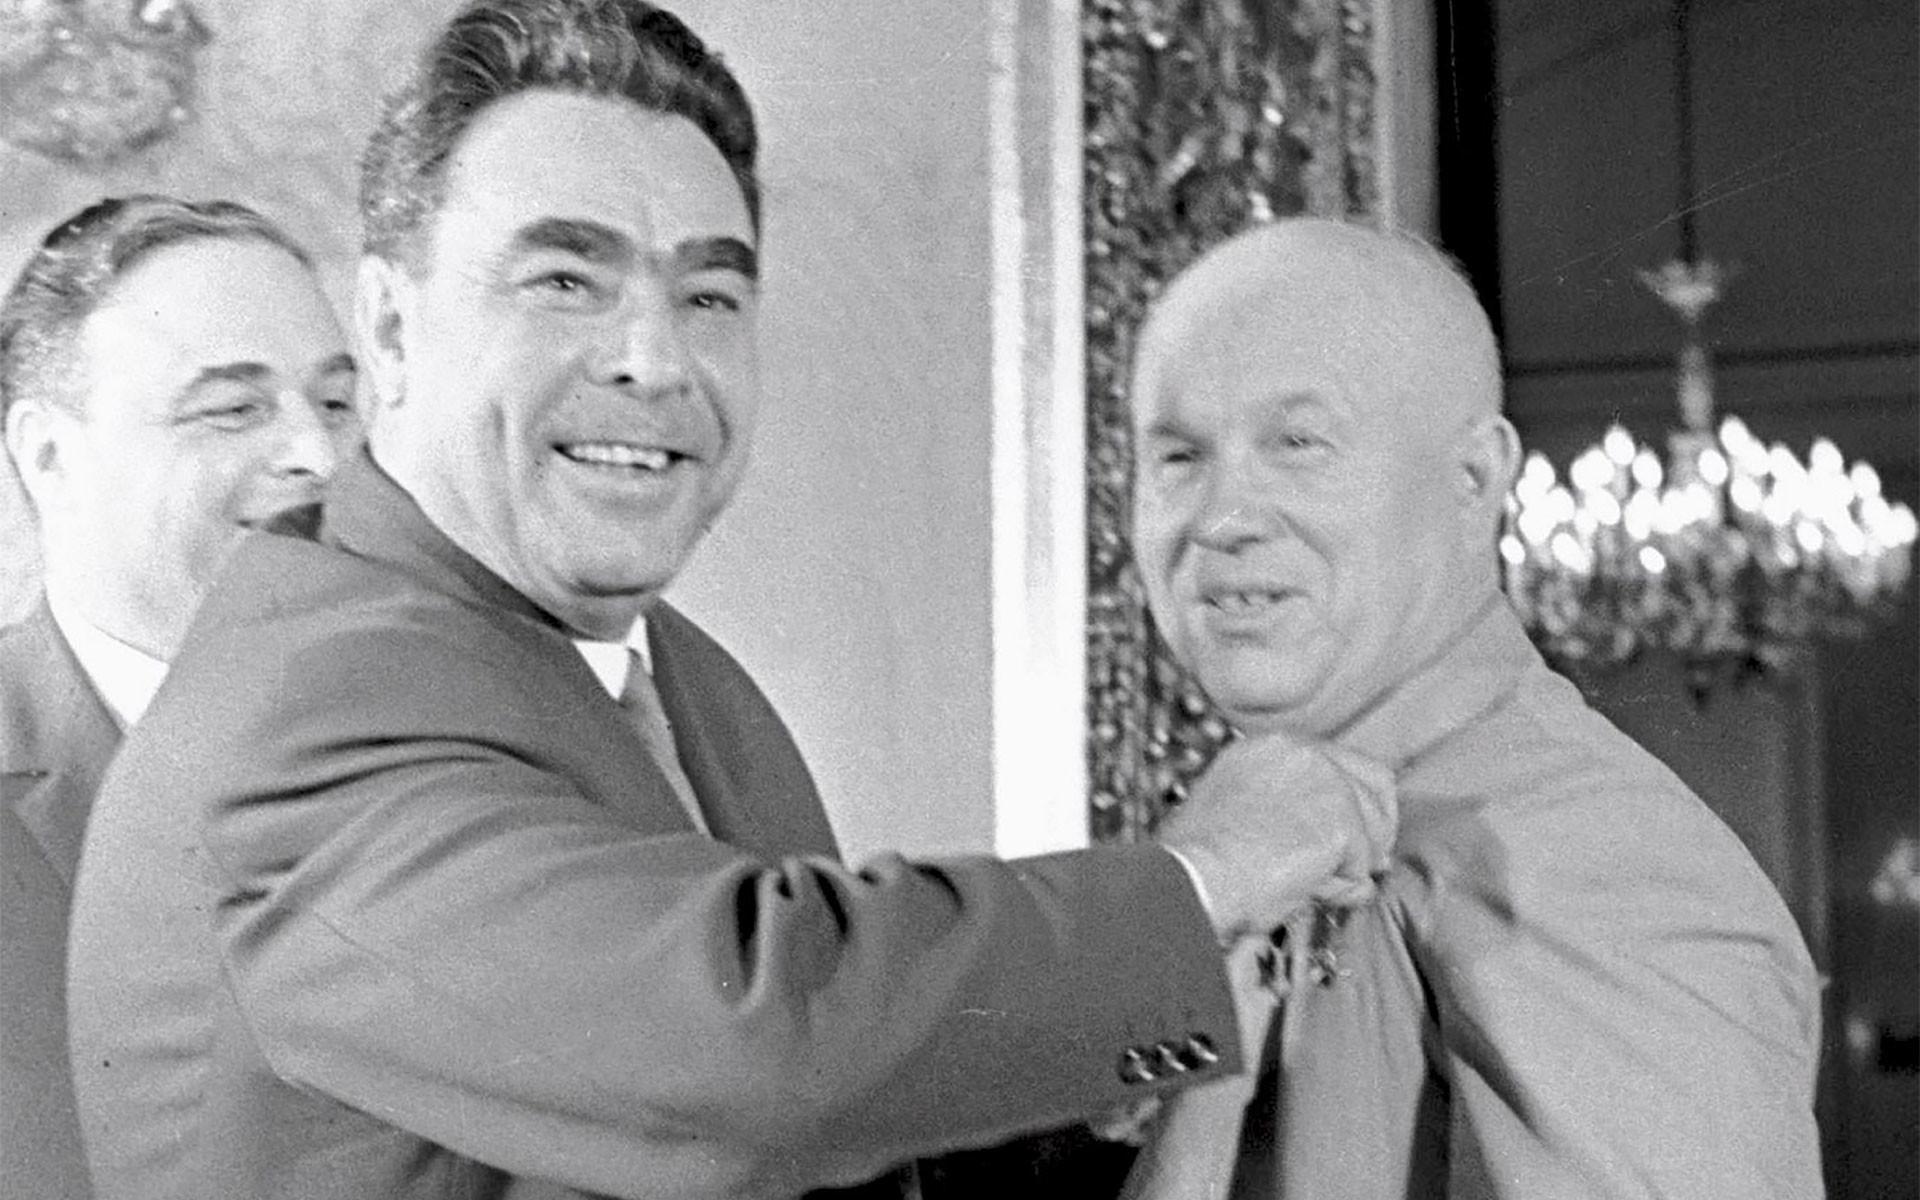 Заговор против Хрущева - как свергали «Кукурузника»